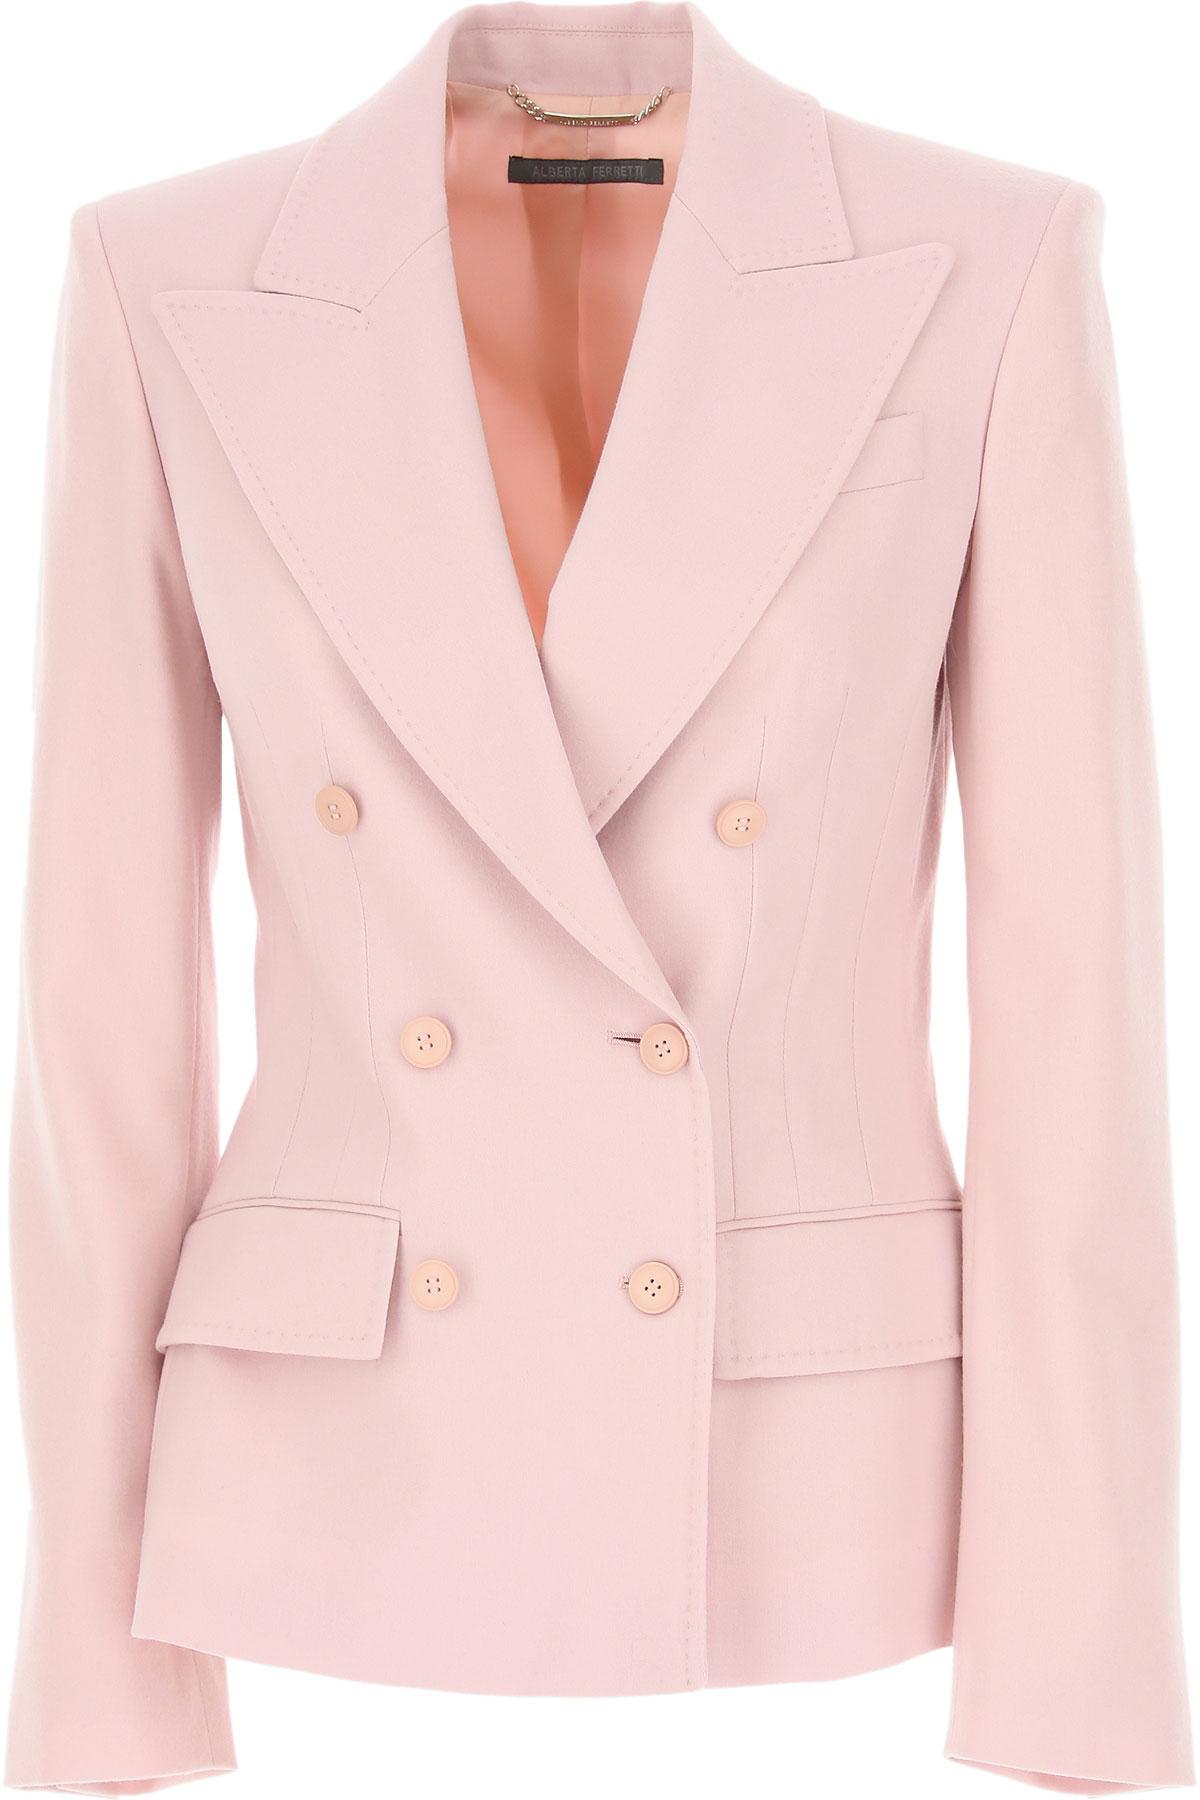 Alberta Ferretti Blazer for Women, Pale Pink, Wool, 2019, 2 4 6